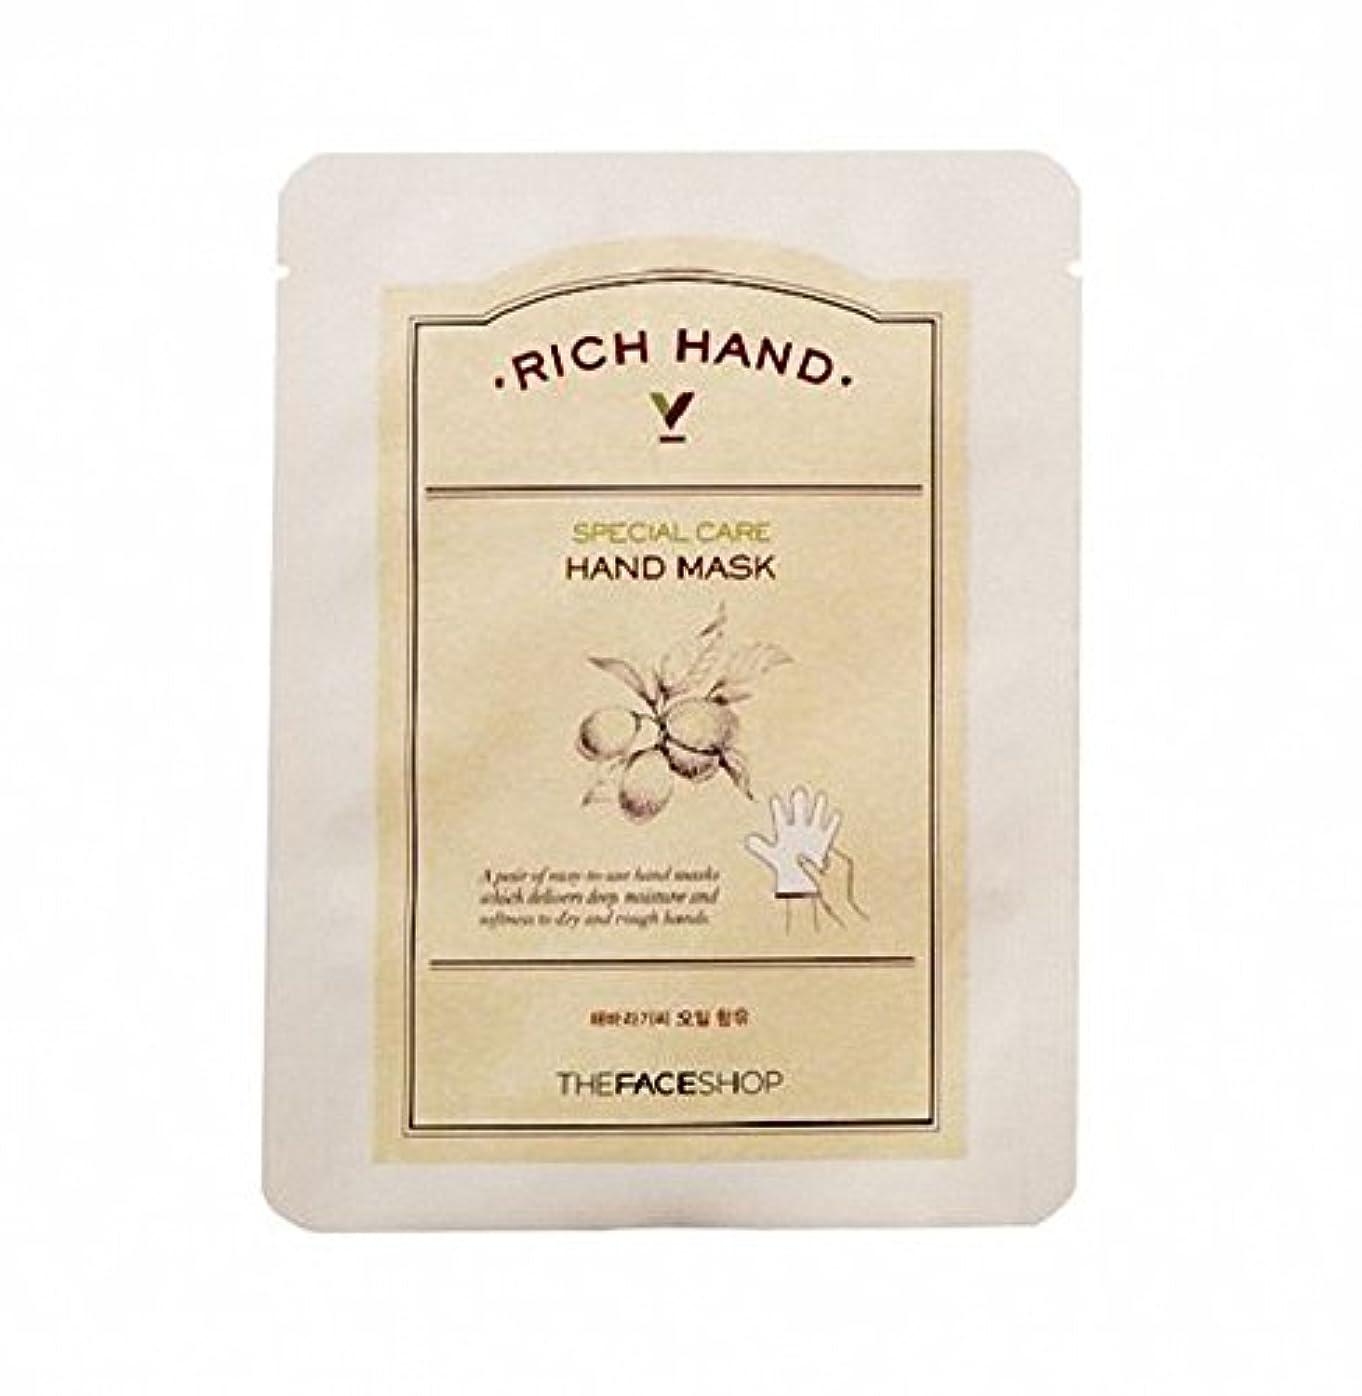 憂慮すべきどれでもとげのある[ザ·フェイスショップ The Face Shop]  リッチ ハンド V スペシャルケア ハンドマスク (3枚) Rich Hand V Special Care Hand Mask (3 Sheet) 韓国コスメ[海外直送品]